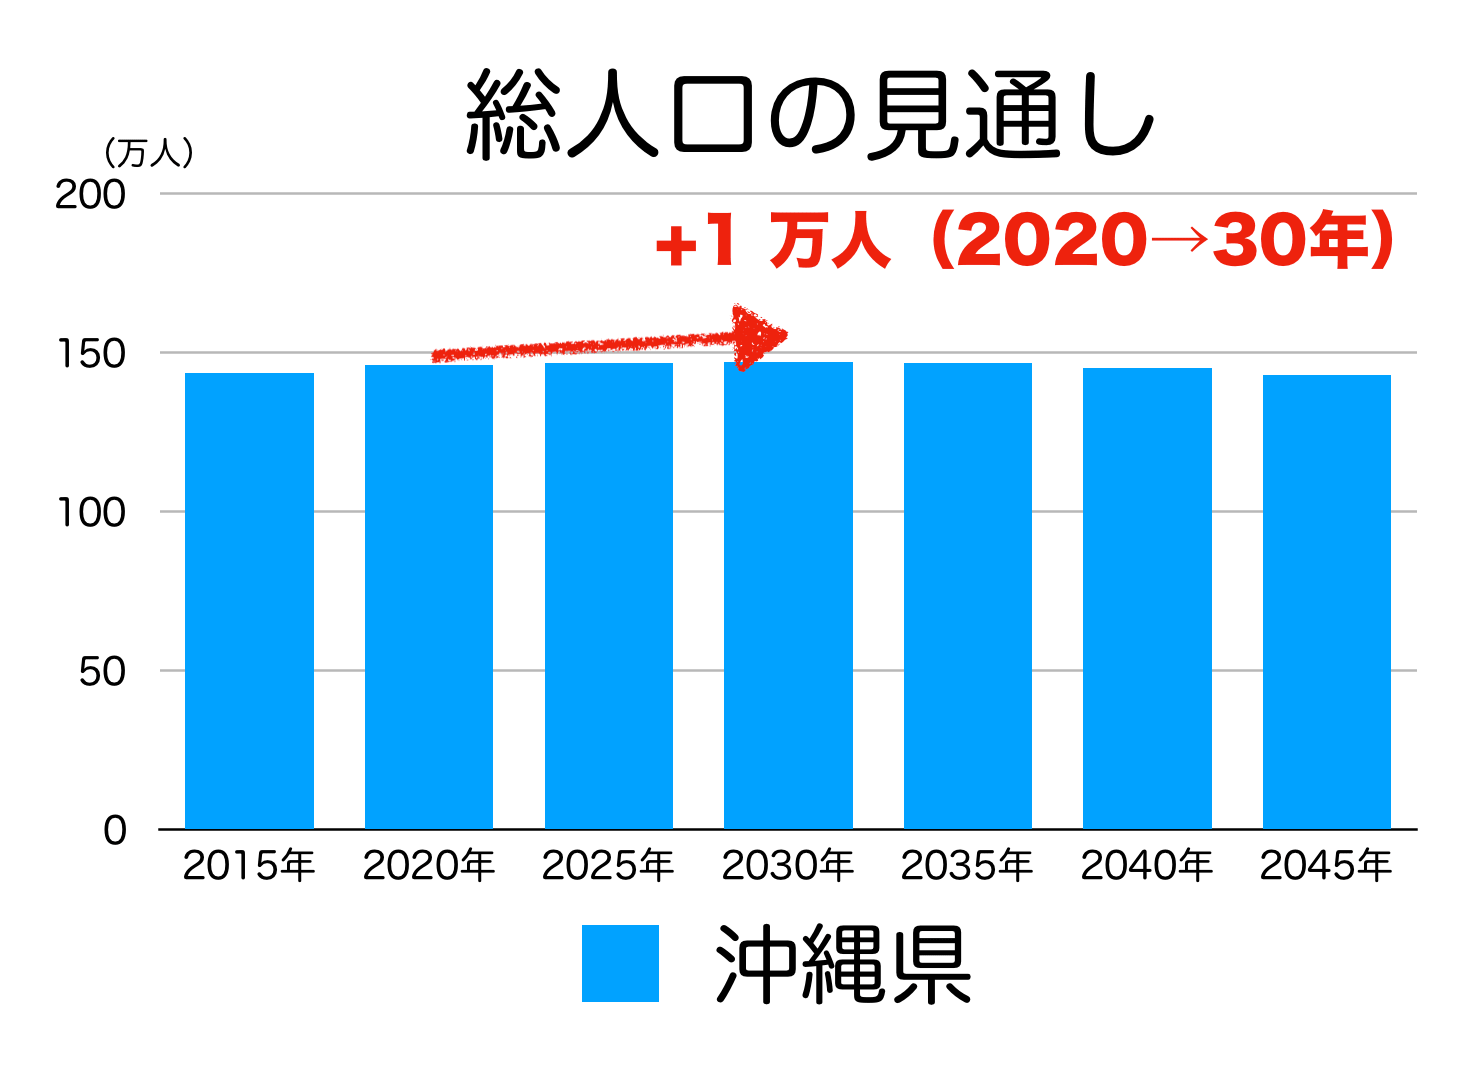 沖縄県の人口予測